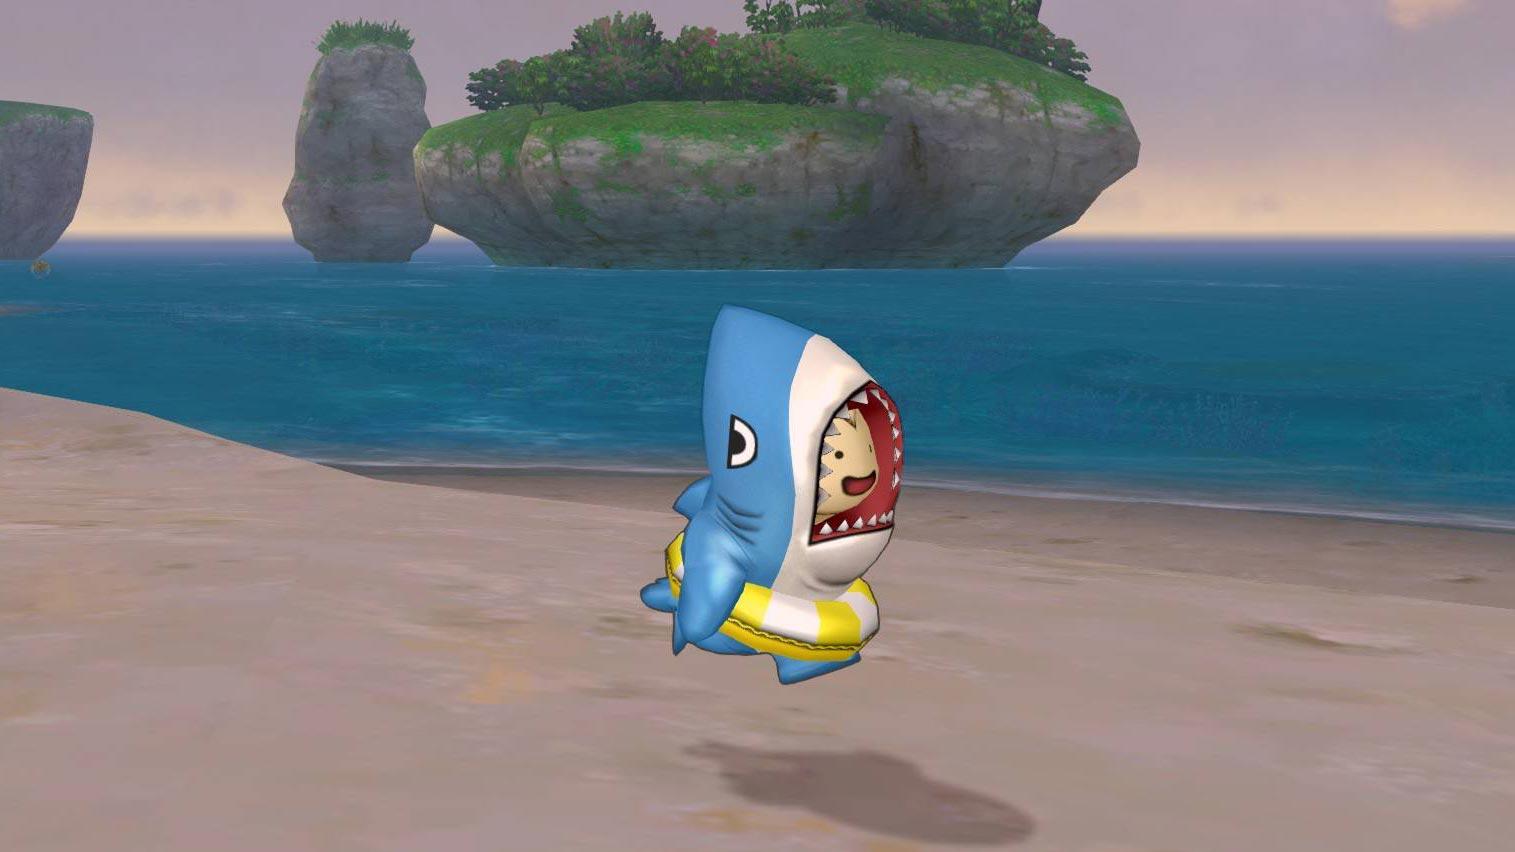 サメきぐるみ-浮き輪で走る